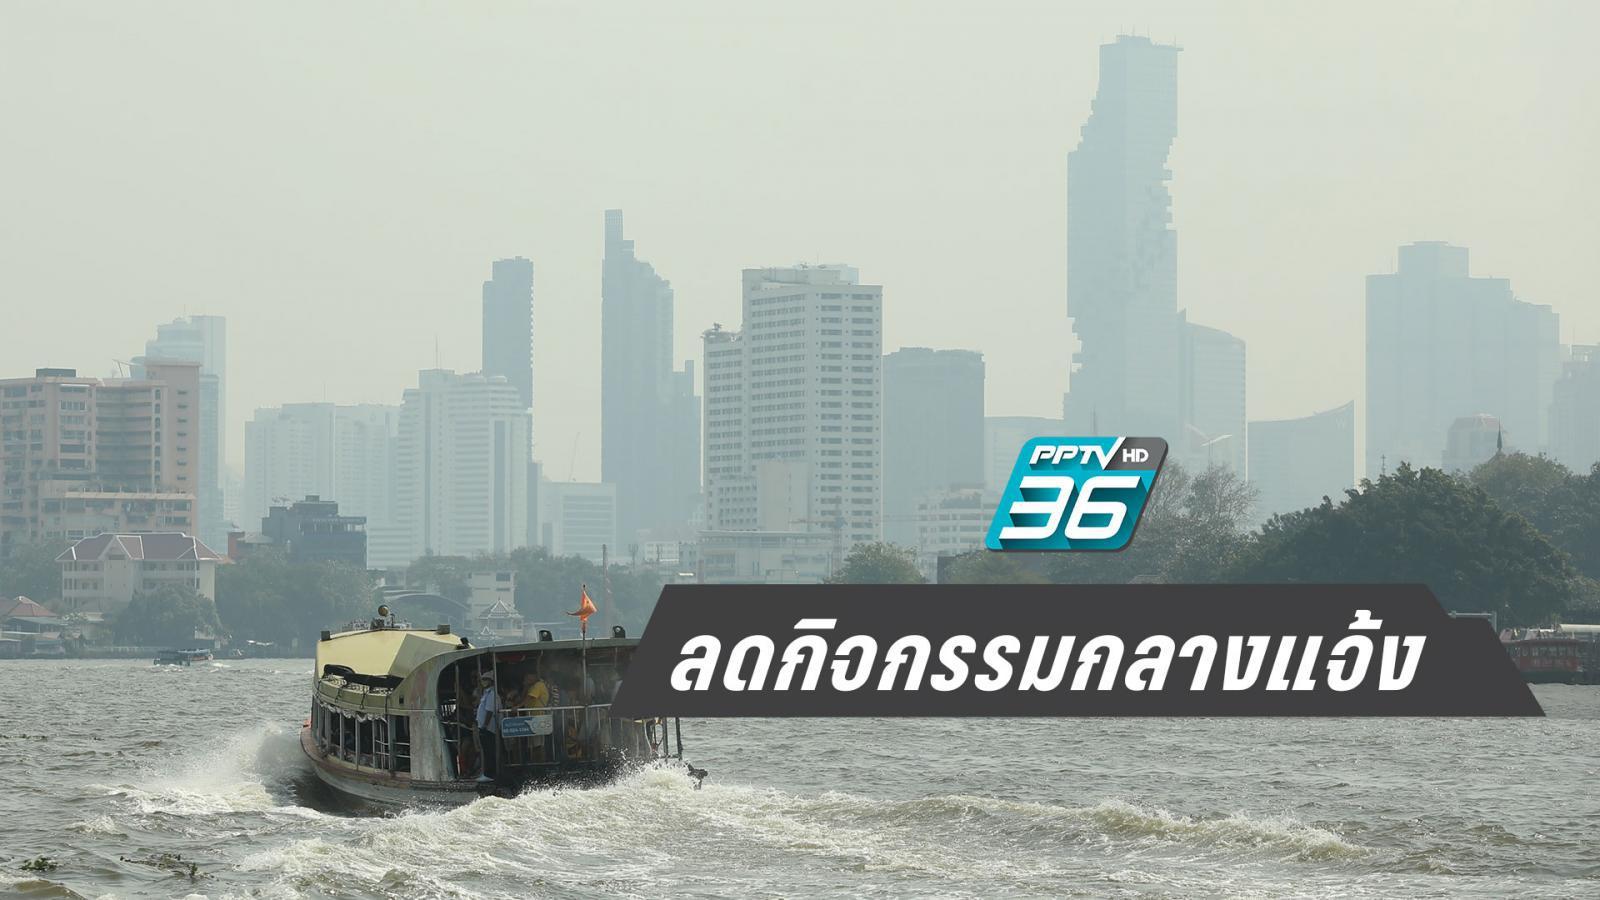 """ค่า """"ฝุ่น PM 2.5"""" พุ่งสูงเกินมาตรฐาน 45 พื้นที่ เขตบึงกุ่ม มากที่สุด"""